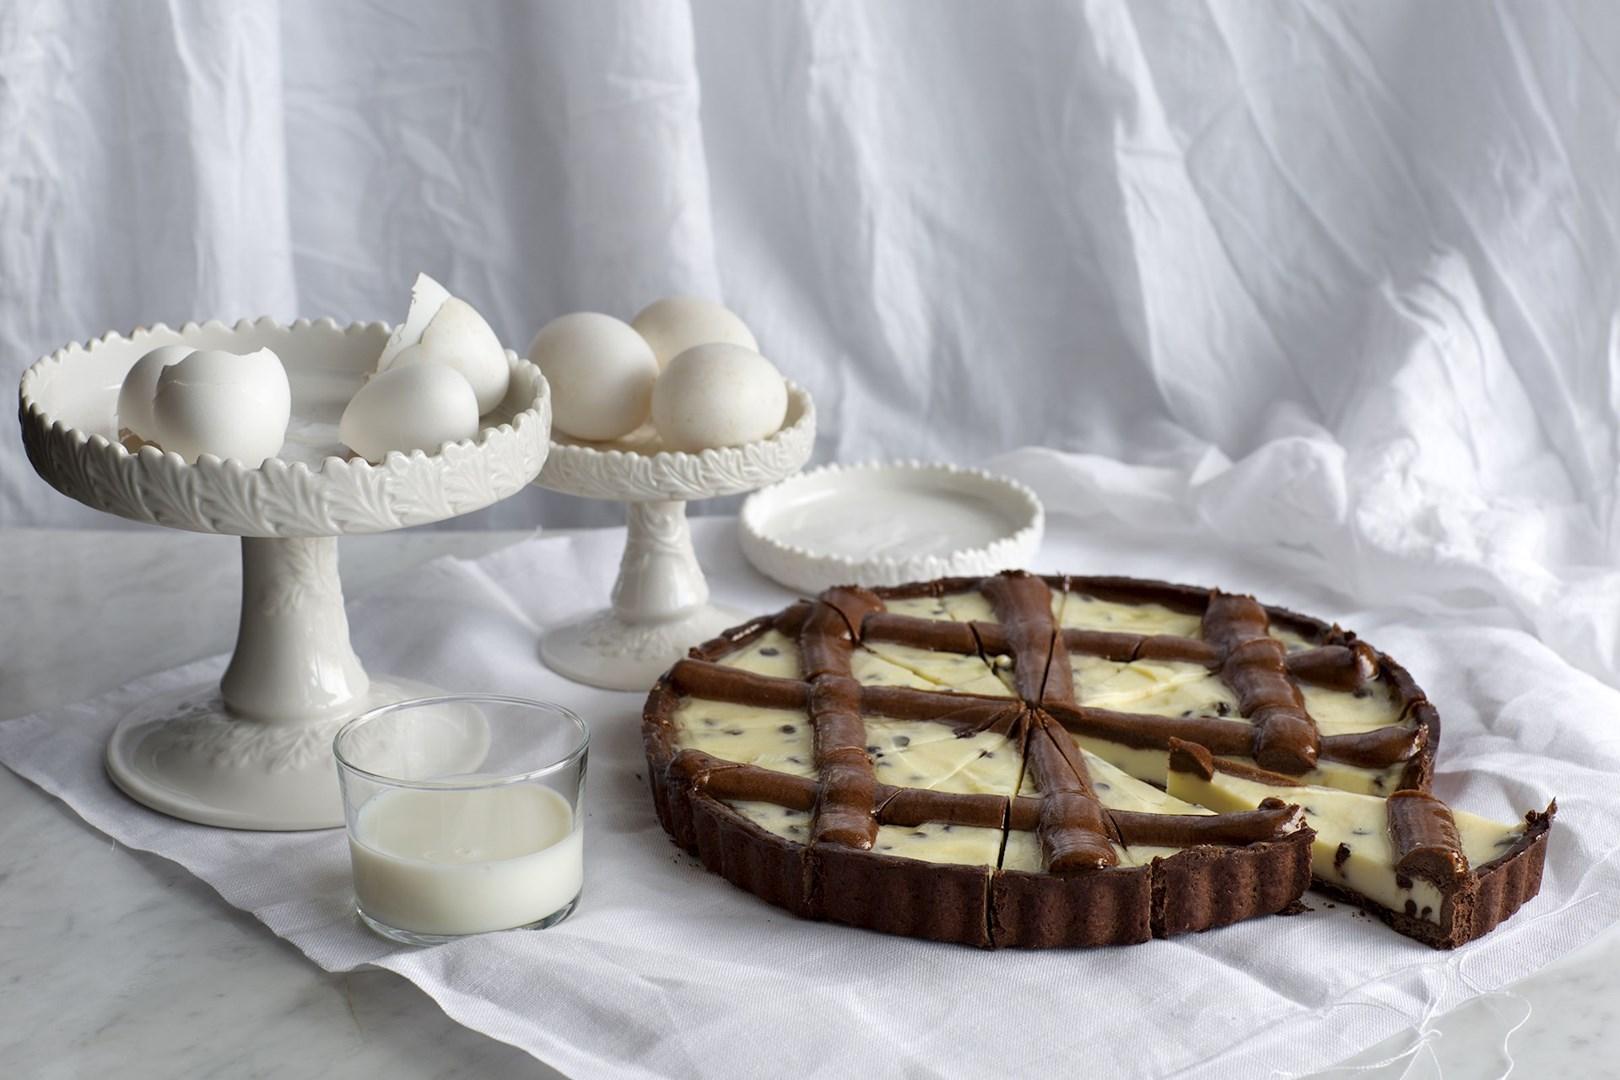 Productafbeelding Martinucci Tart Ricotta e Cioccolato 1300 g